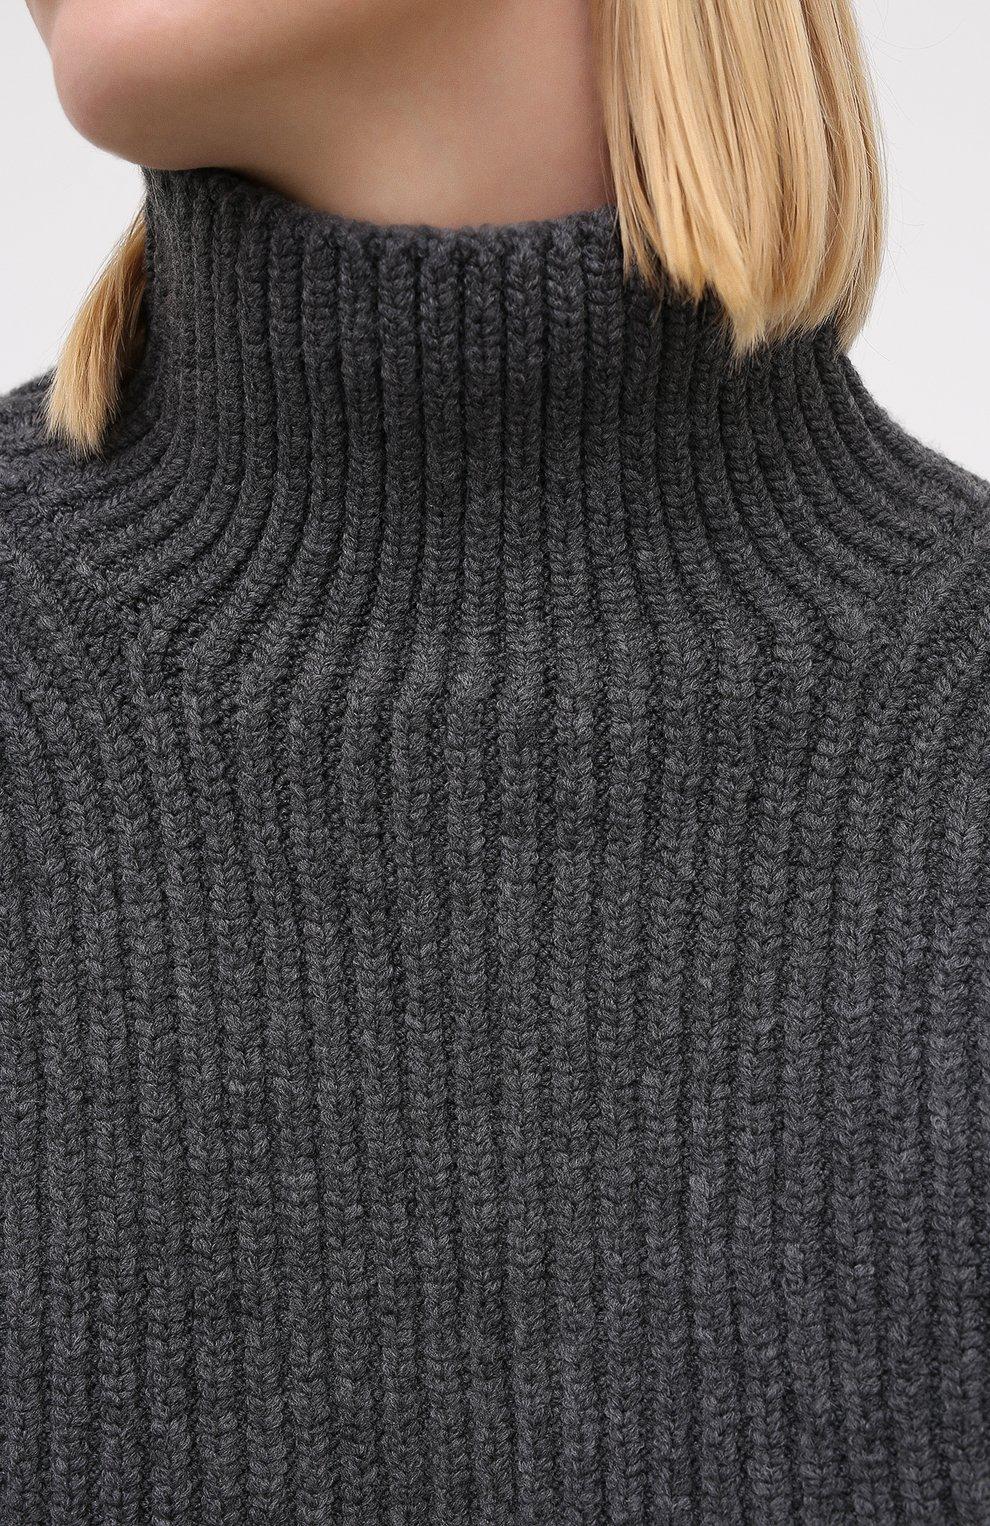 Женский шерстяной свитер NANUSHKA серого цвета, арт. RAW_CHARC0AL_S0FT W00L BLEND KNIT   Фото 5